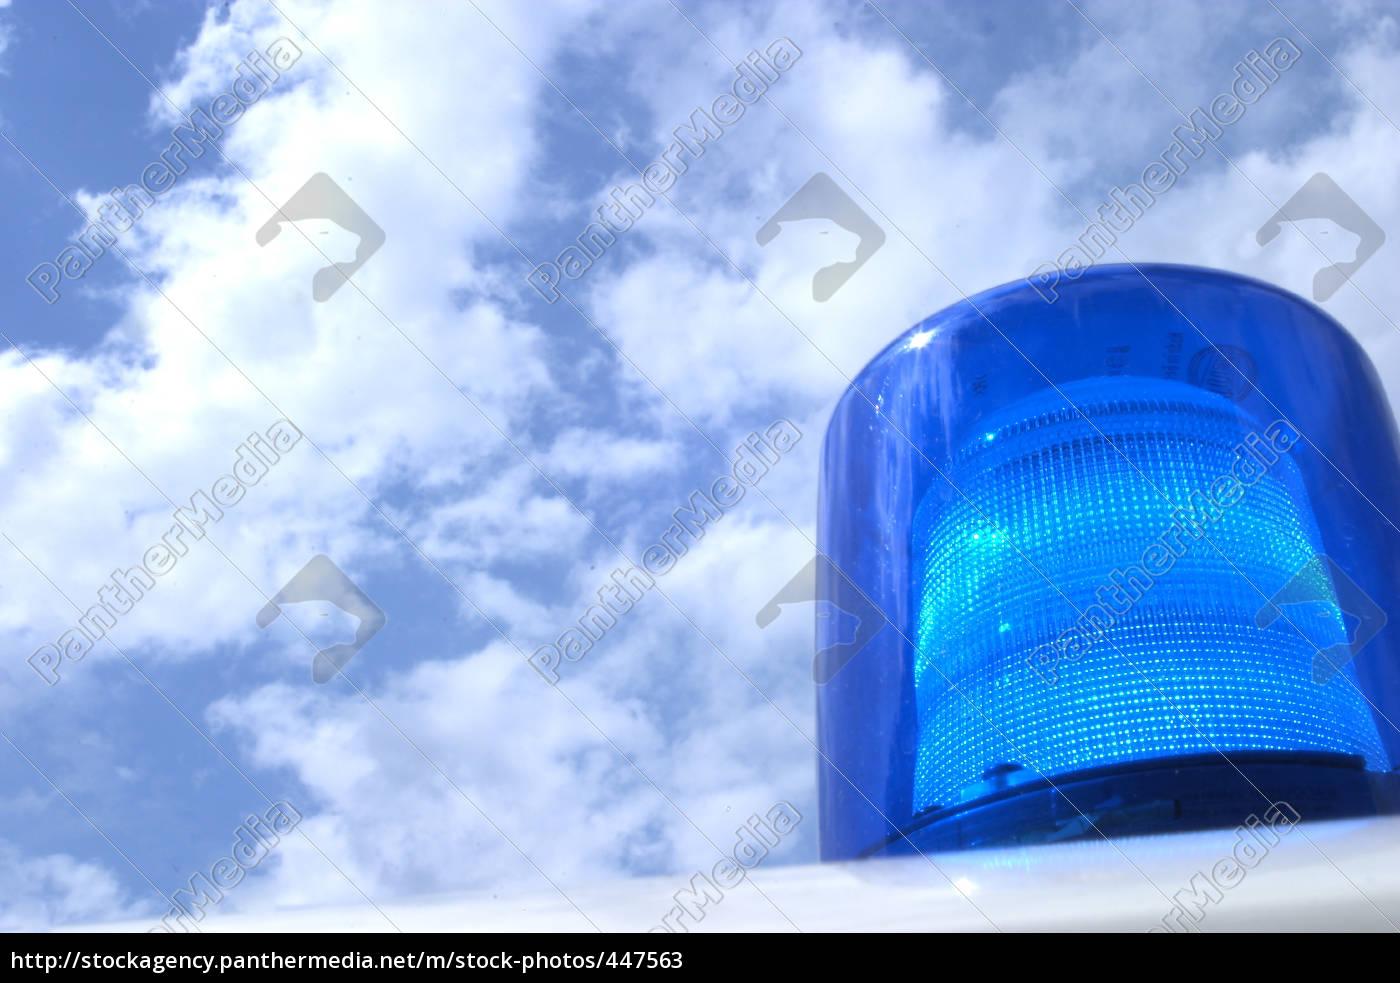 heavenly, blue, light - 447563